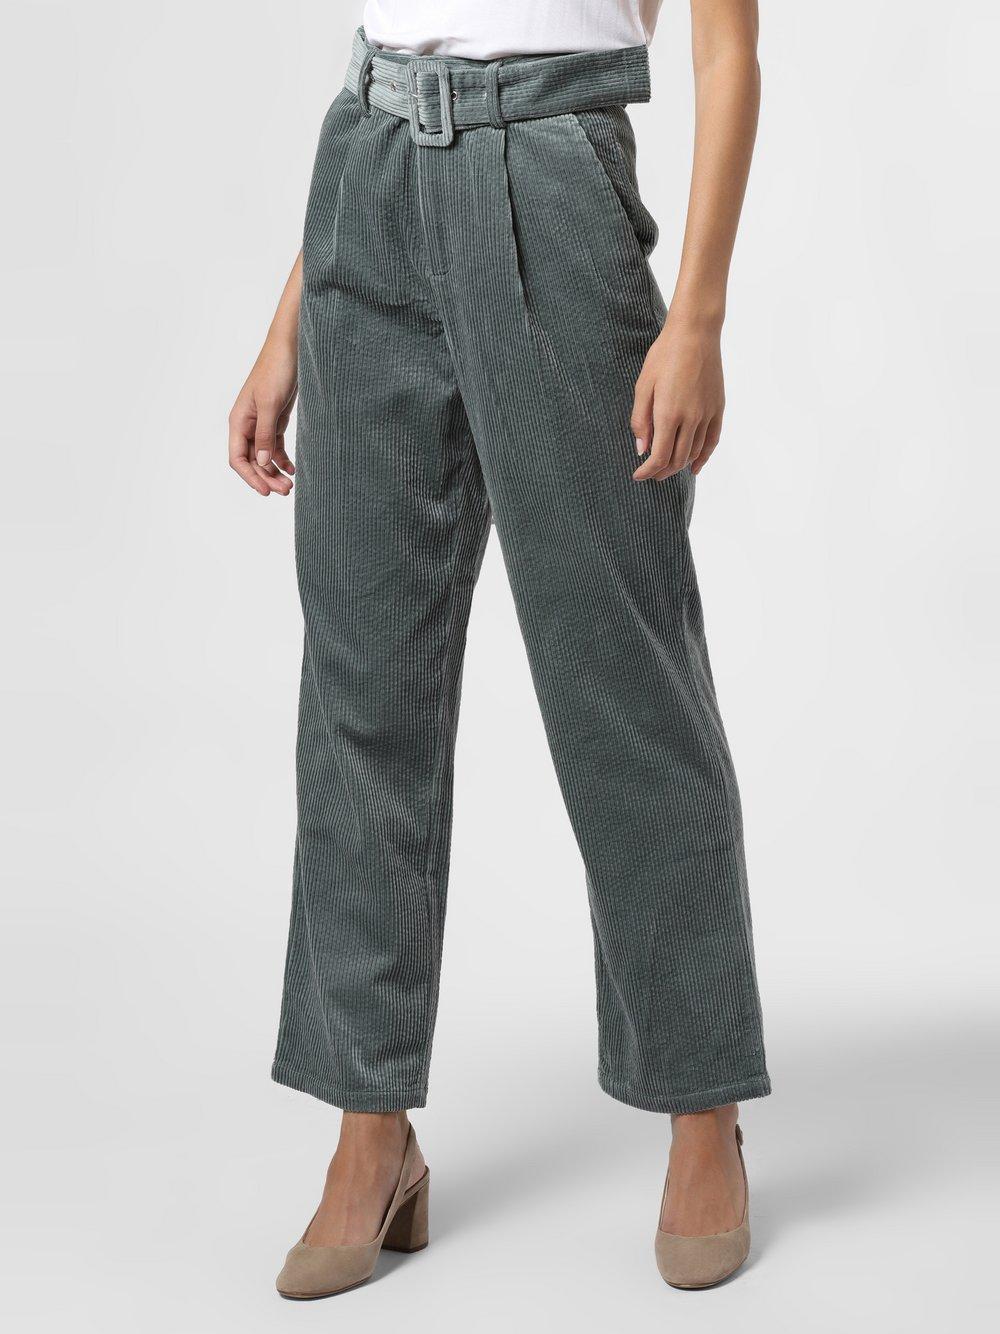 mbyM – Spodnie damskie – Jackson, zielony Van Graaf 484631-0001-09940